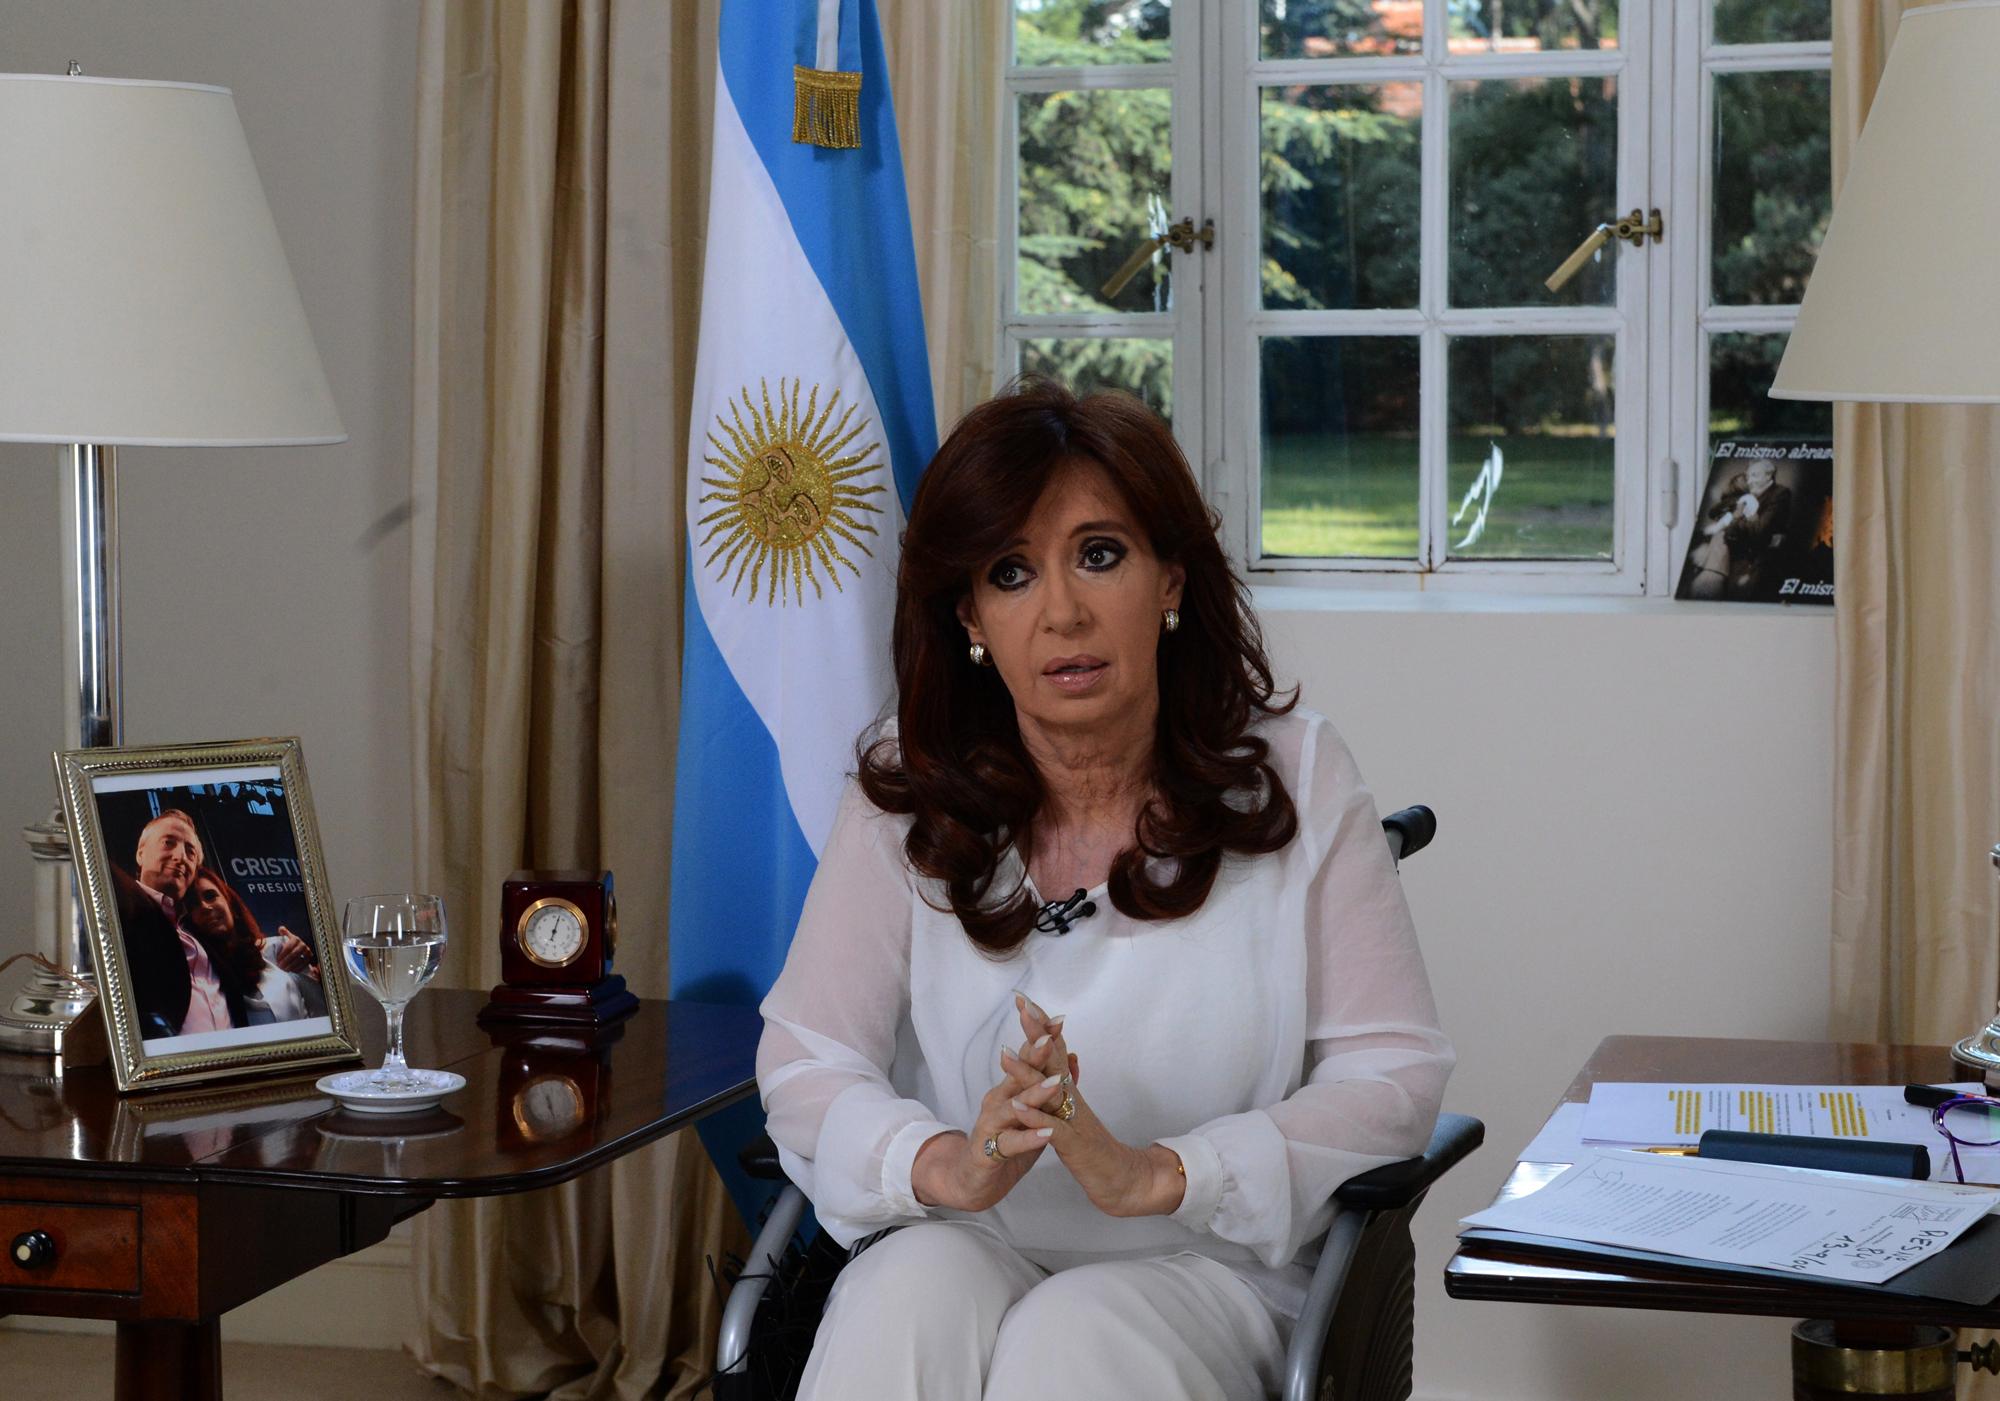 Cristina_Kirchner-Presidência-da-Argentina.jpg